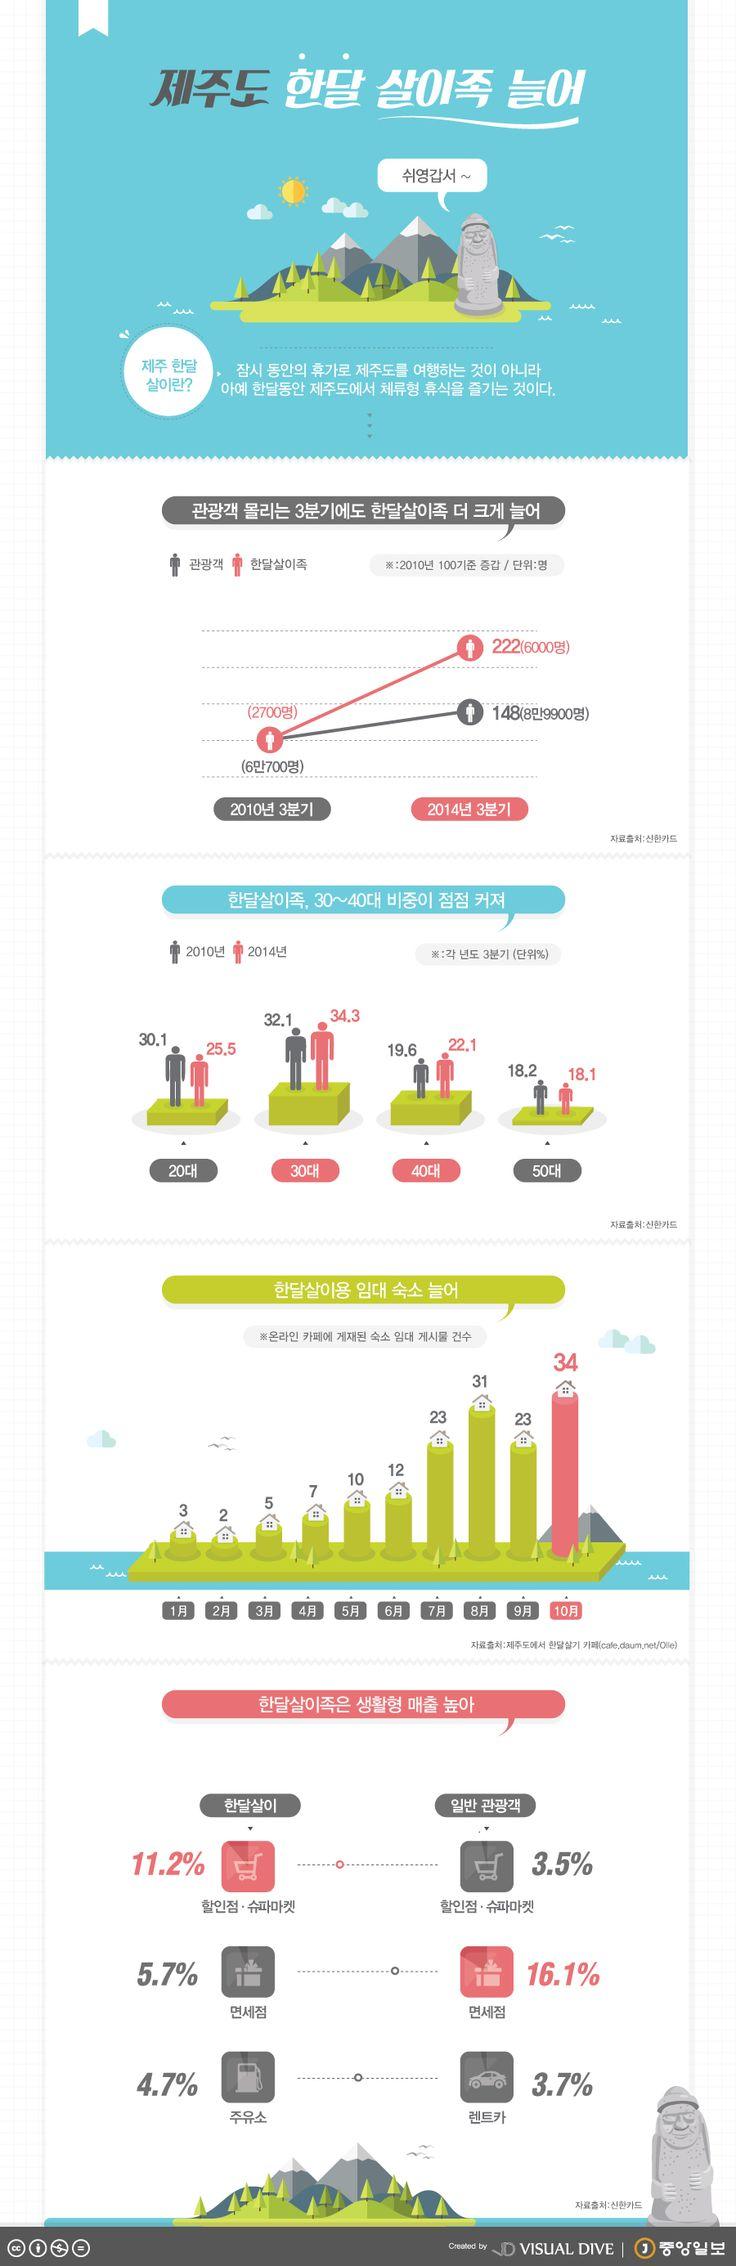 제주도 한 달 살이족 늘어 [인포그래픽] #Jejudo / #Infographic ⓒ 비주얼다이브 무단 복사·전재·재배포 금지